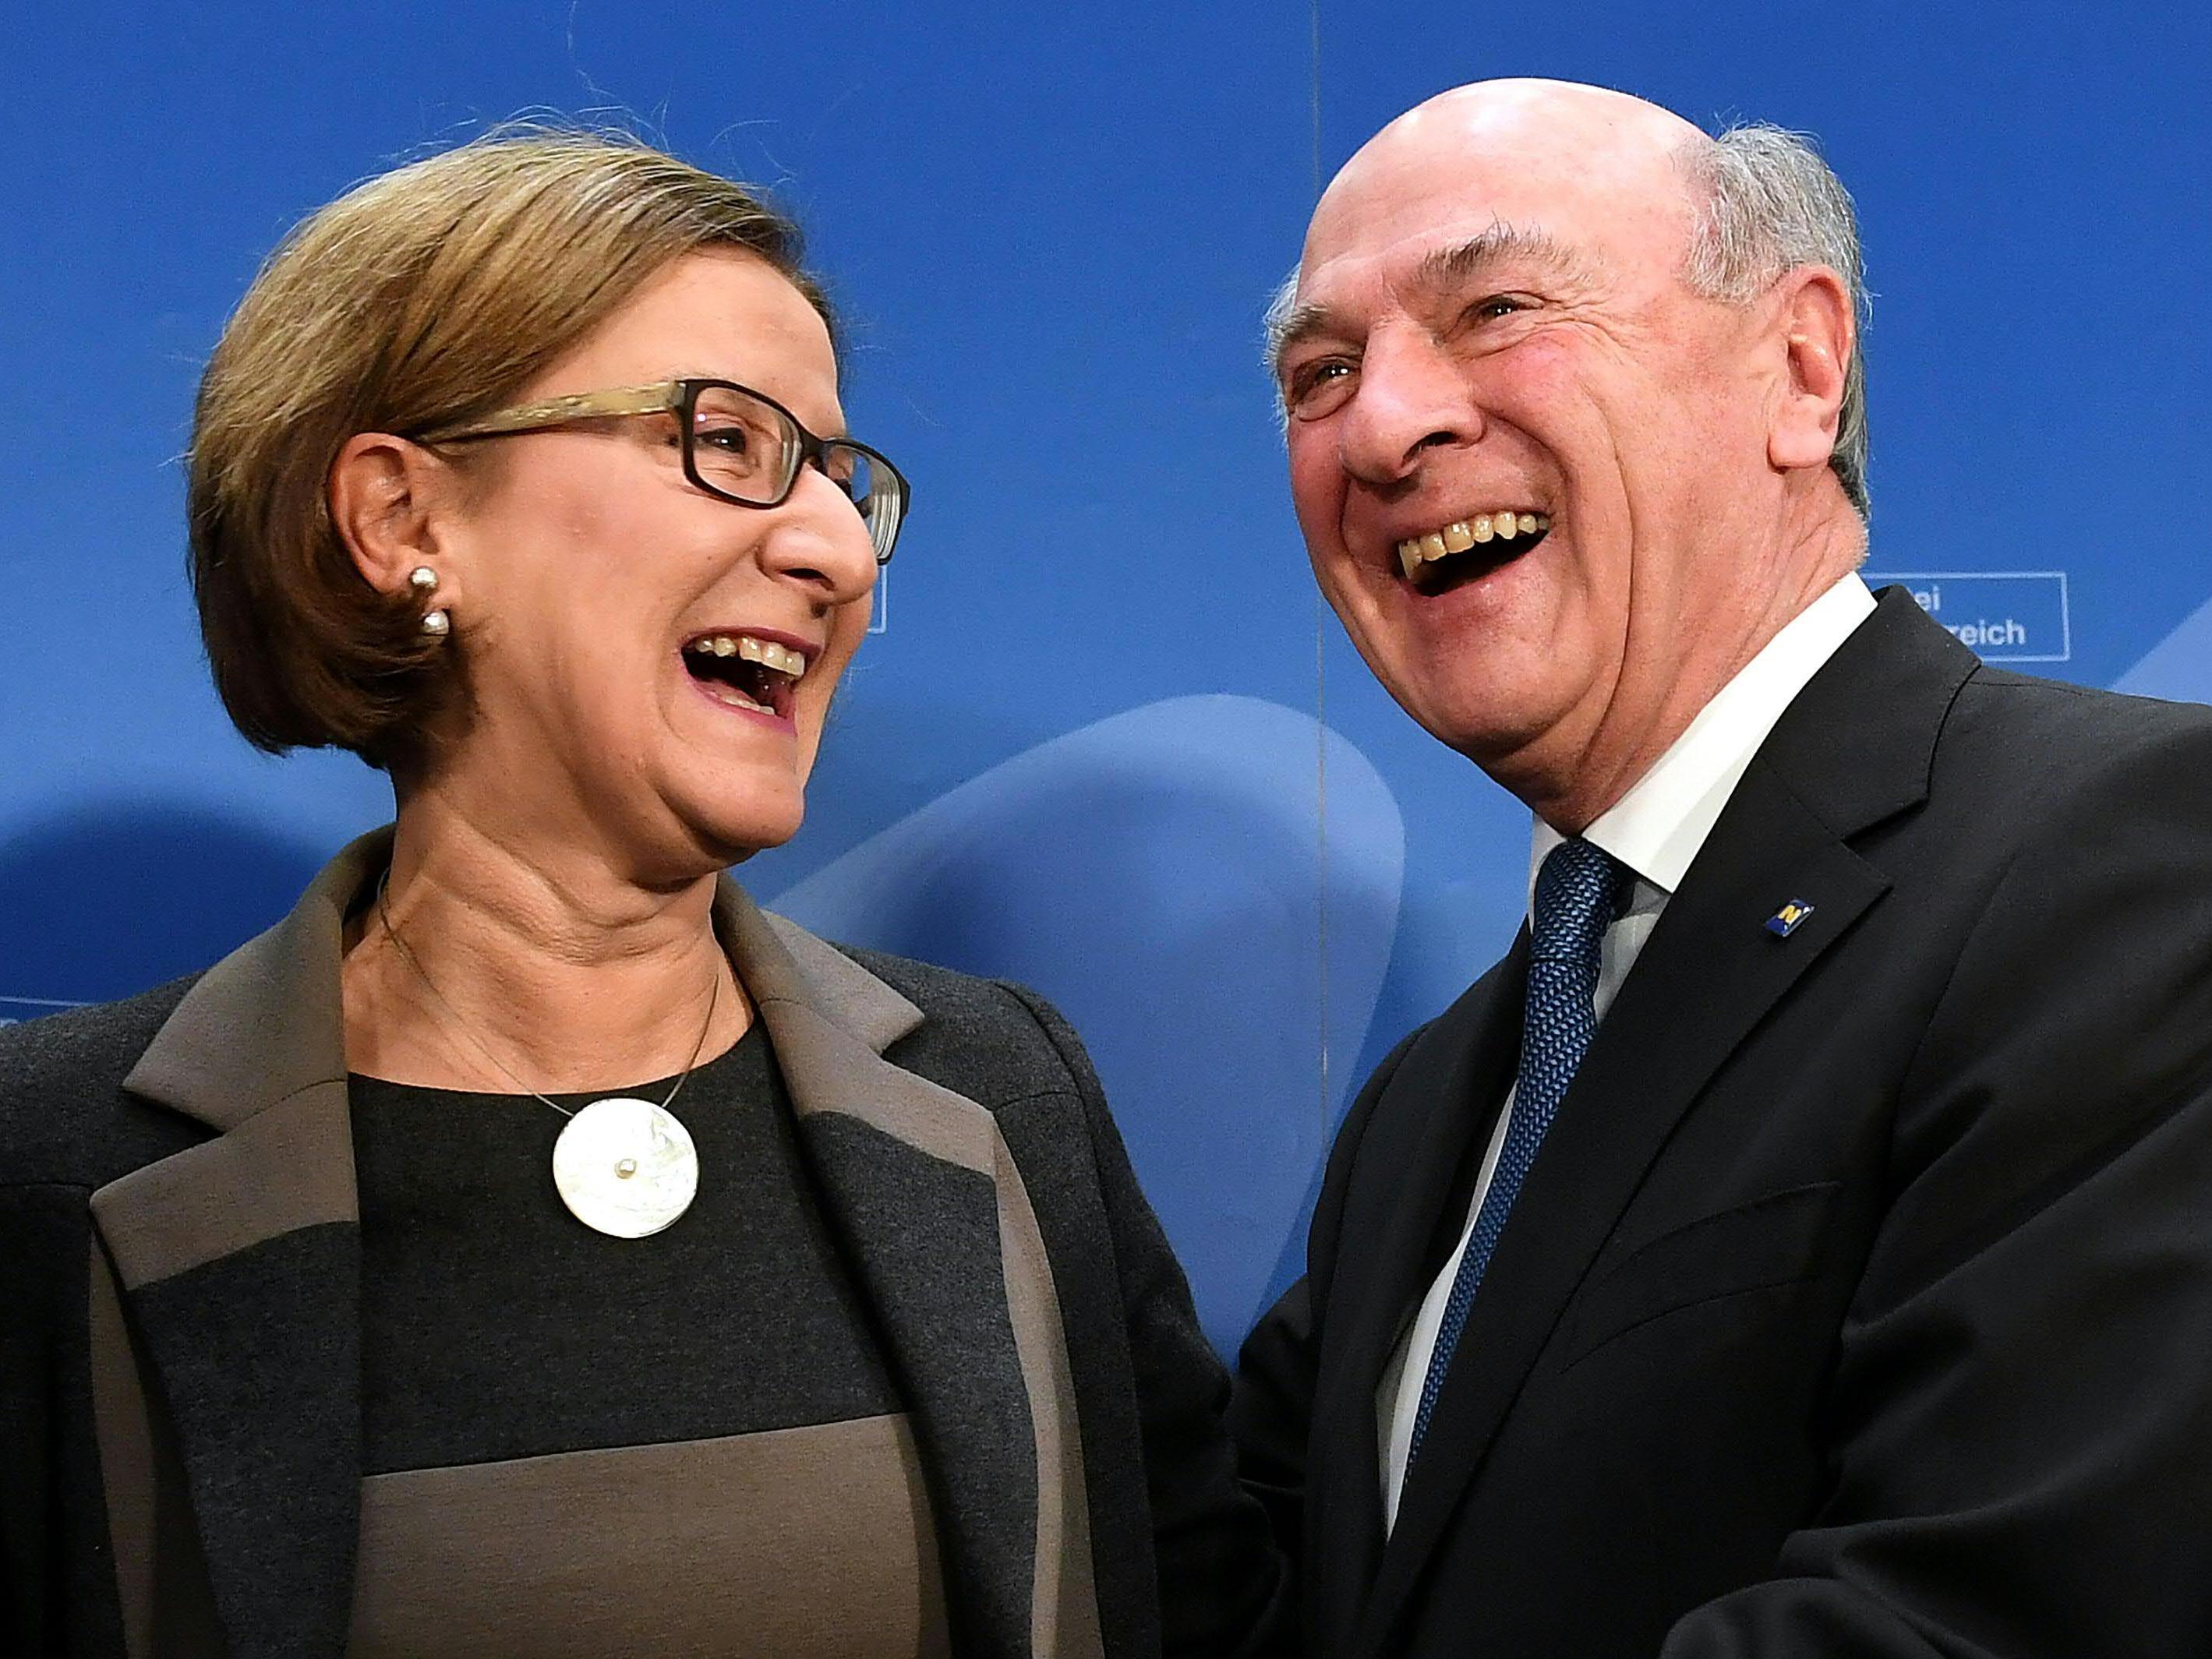 Niederösterreichs LH Erwin Pröll (ÖVP) vollzieht am Samstag die Amtsübergabe an Johanna Mikl-Leitner.